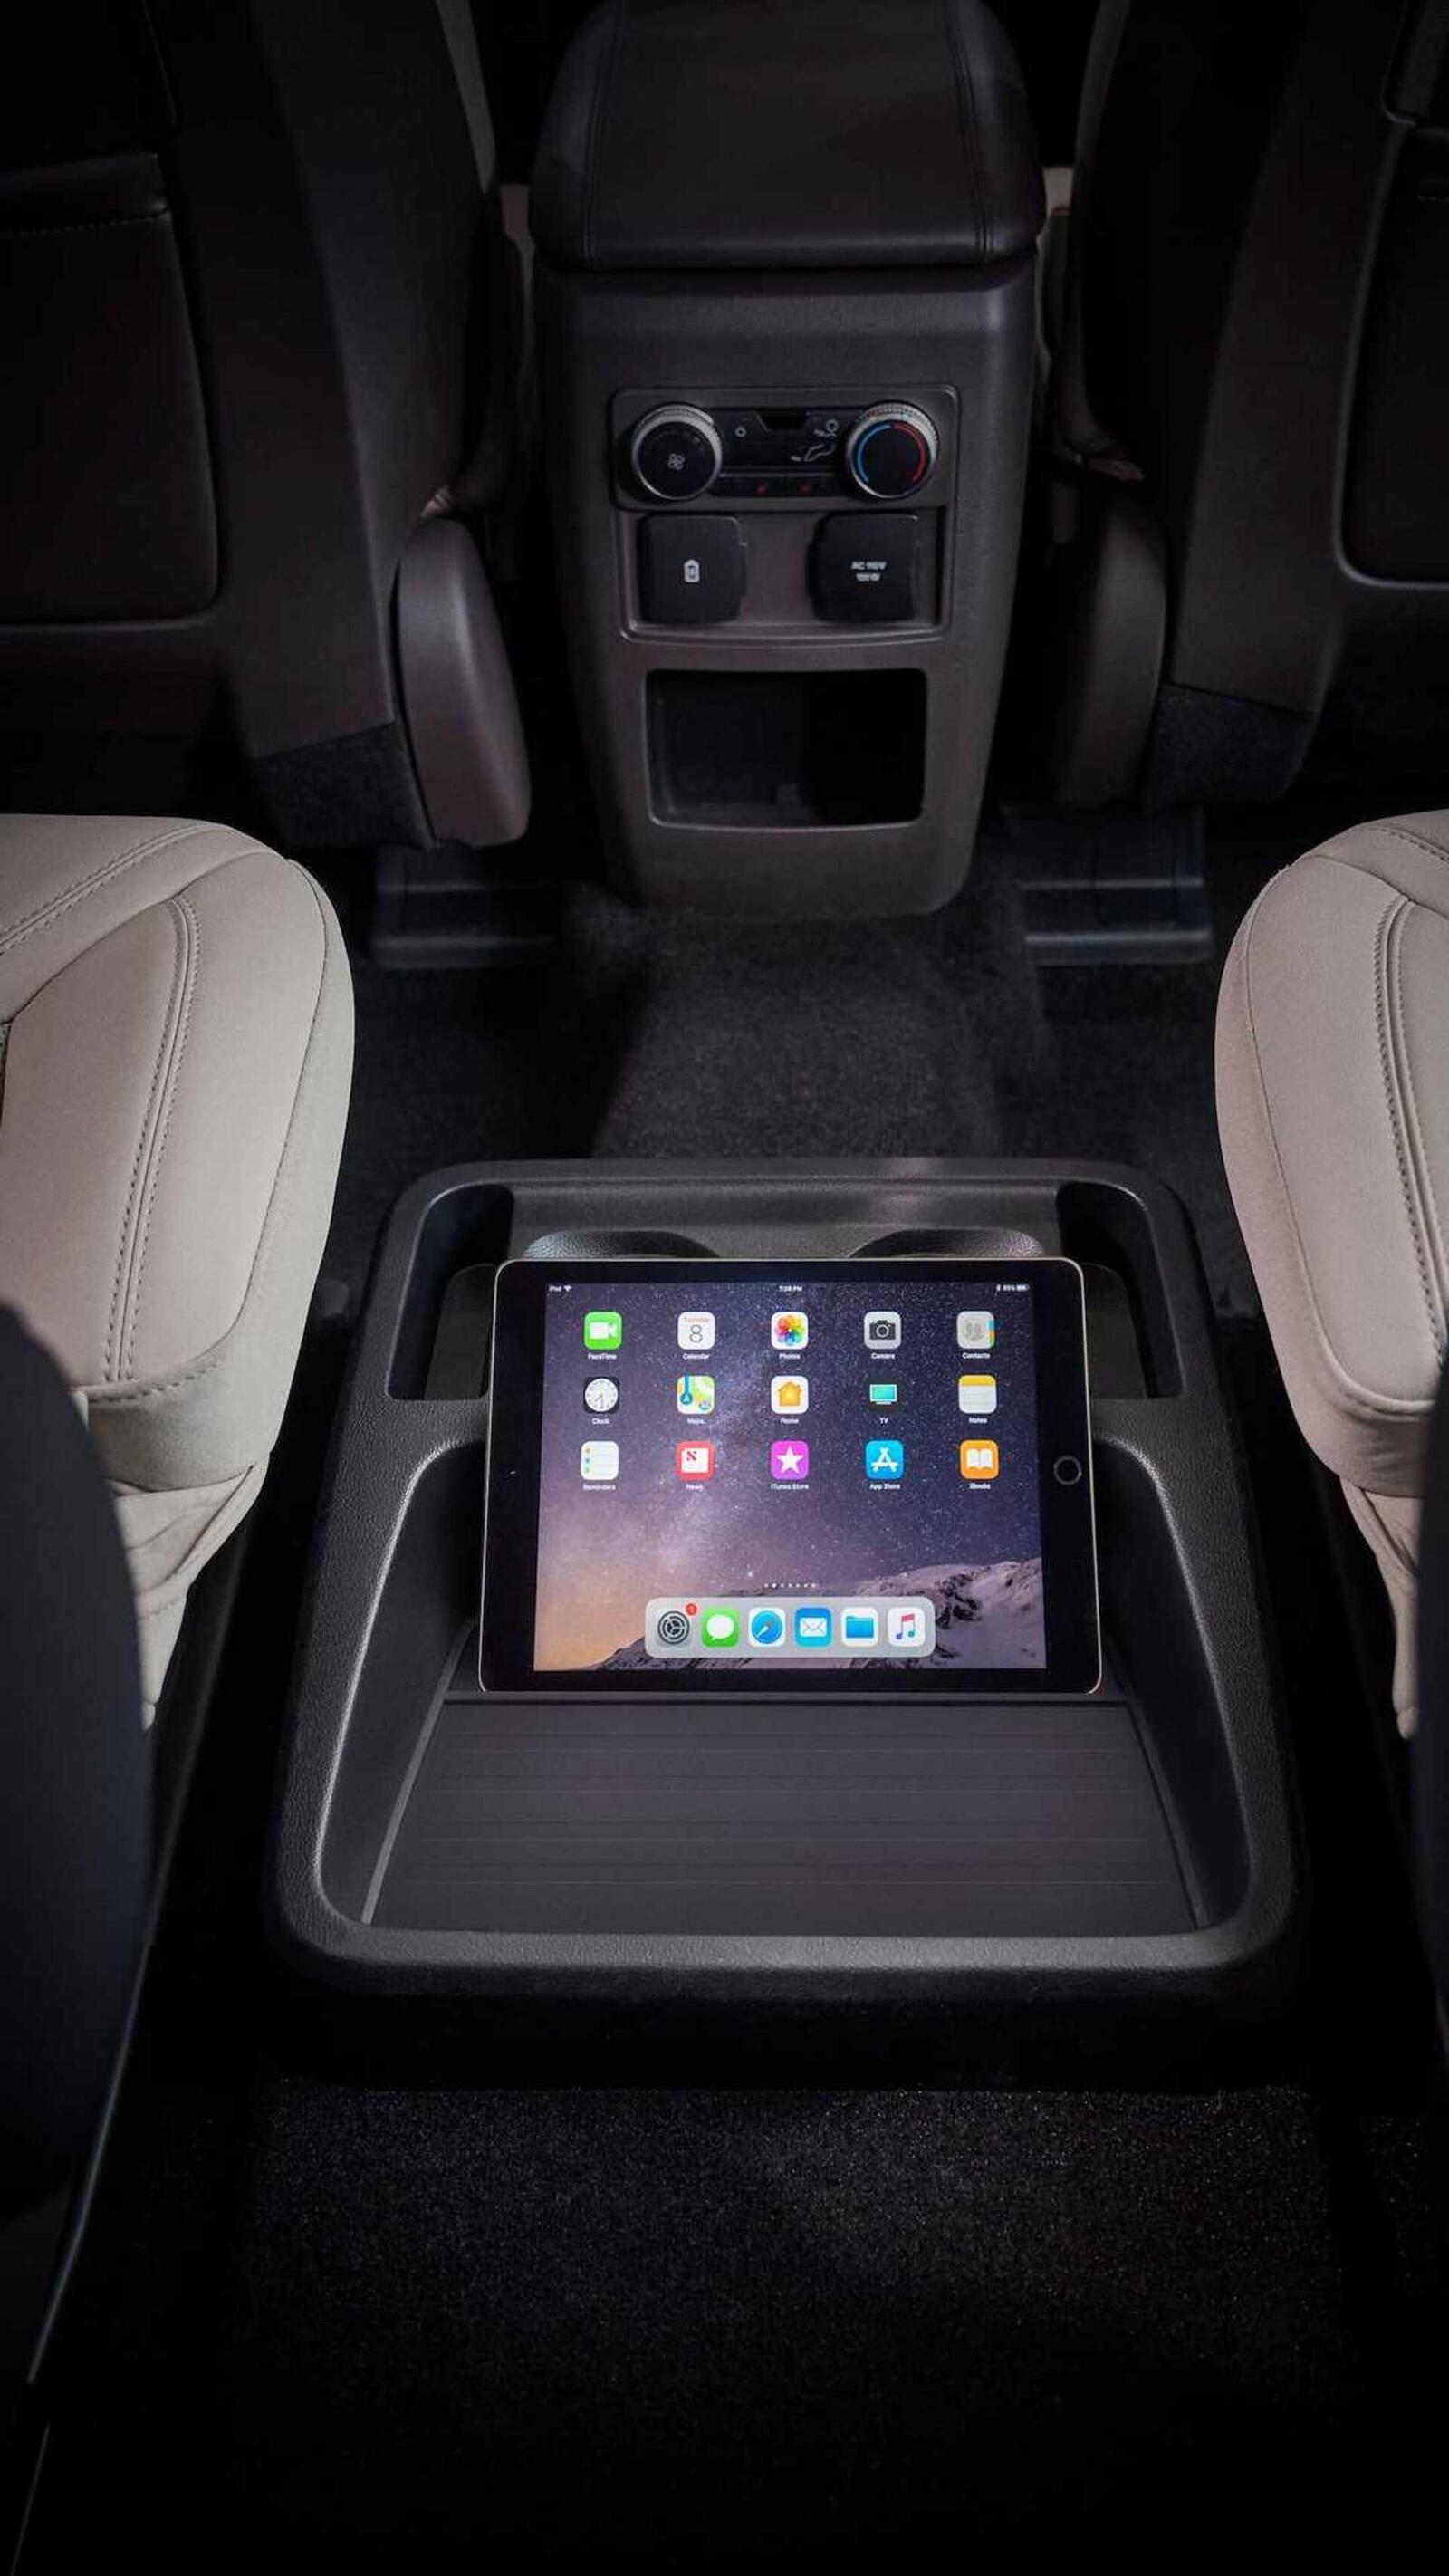 Ford Explorer 2020 thế hệ mới ra mắt; thiết kế mới và cải thiện khả năng vận hành - Hình 8